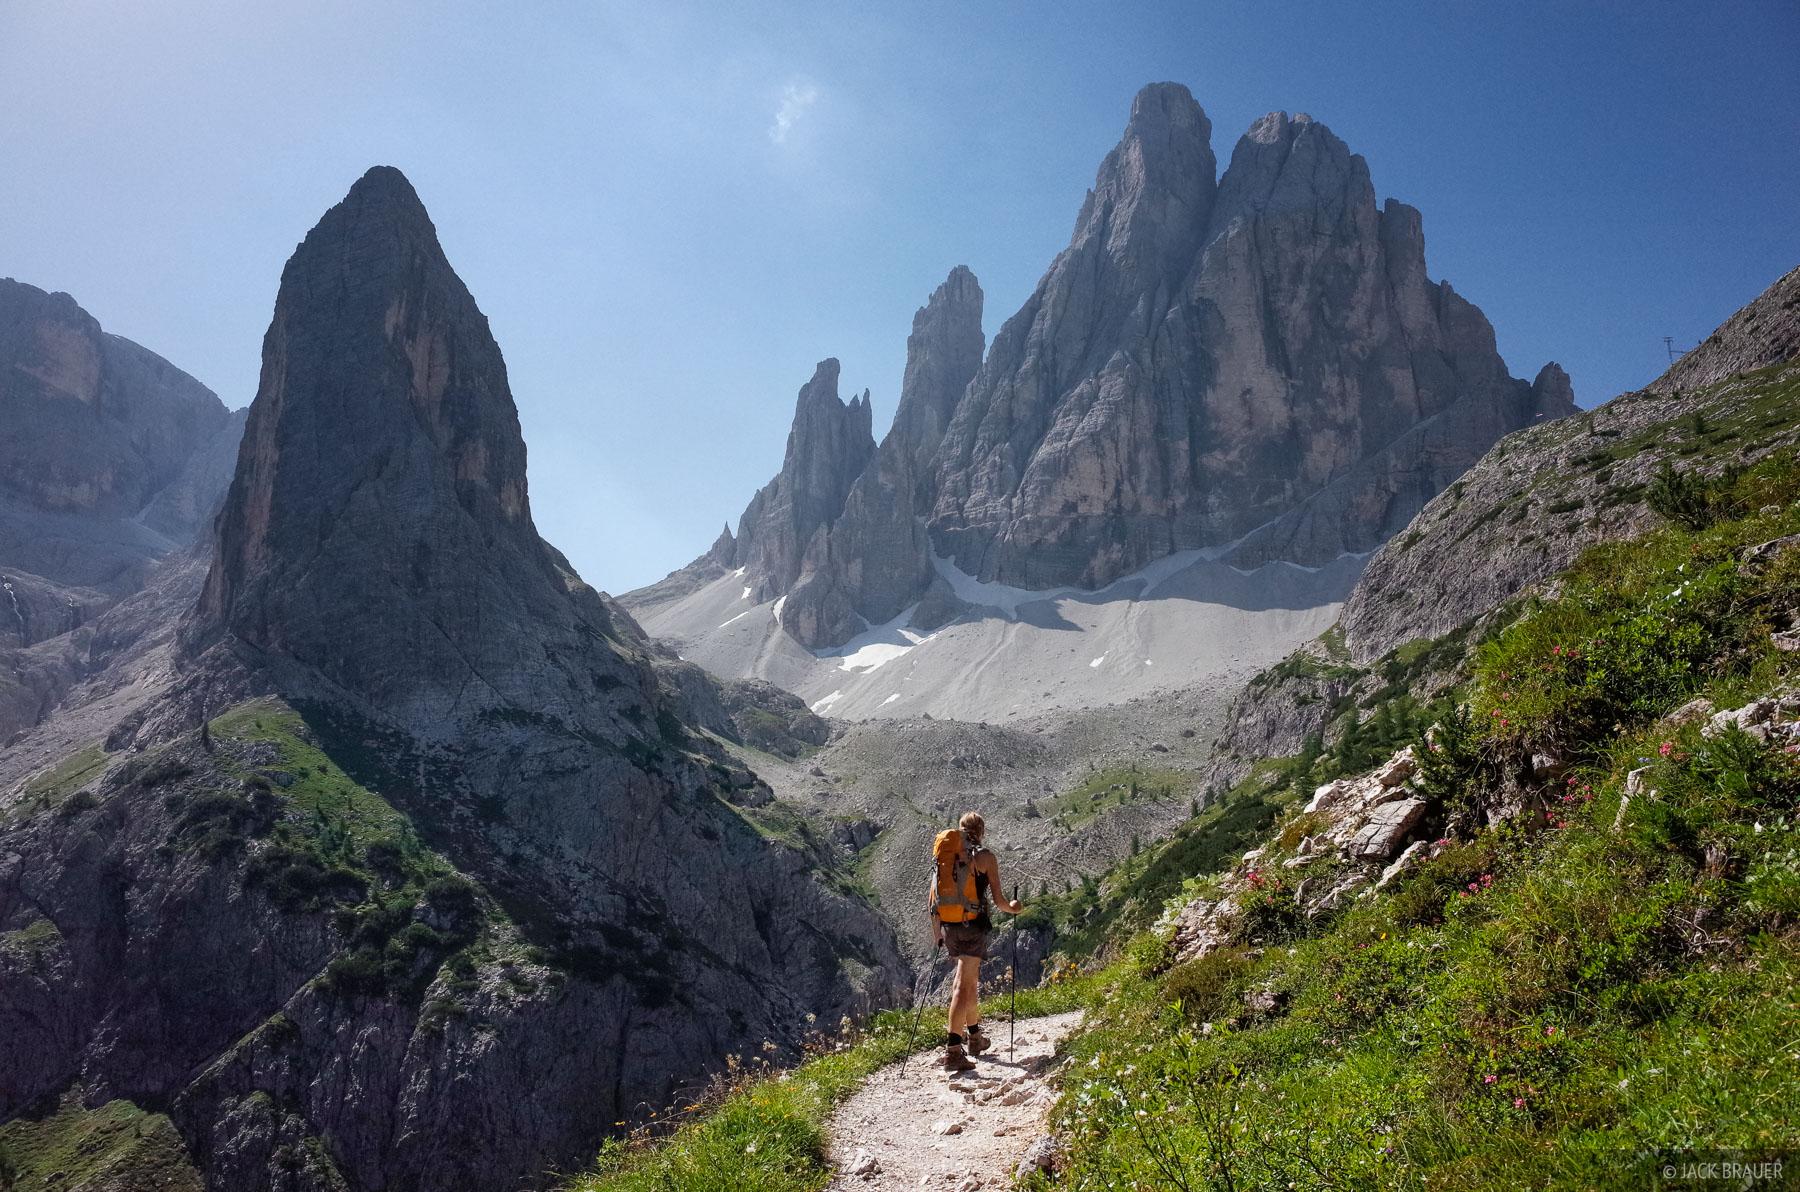 Dolomites, Italy, Zwolferkofel, Strada degli Alpini, photo